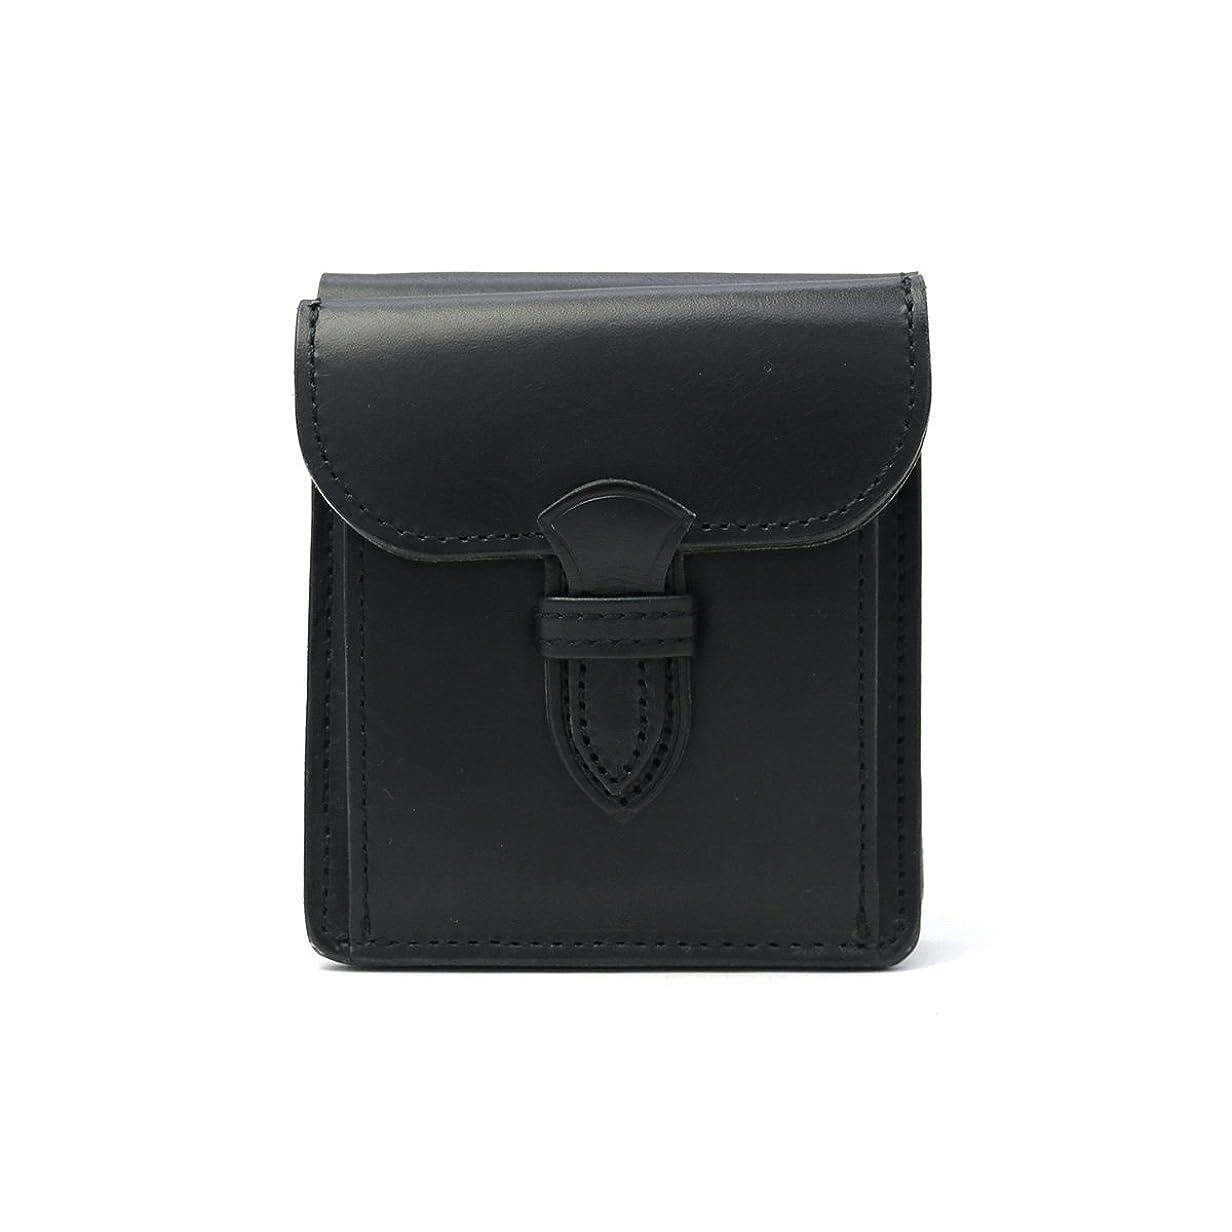 無許可対良さ(ポーター) PORTER 二つ折り財布 [NATURE/ネイチャー] 161-04651